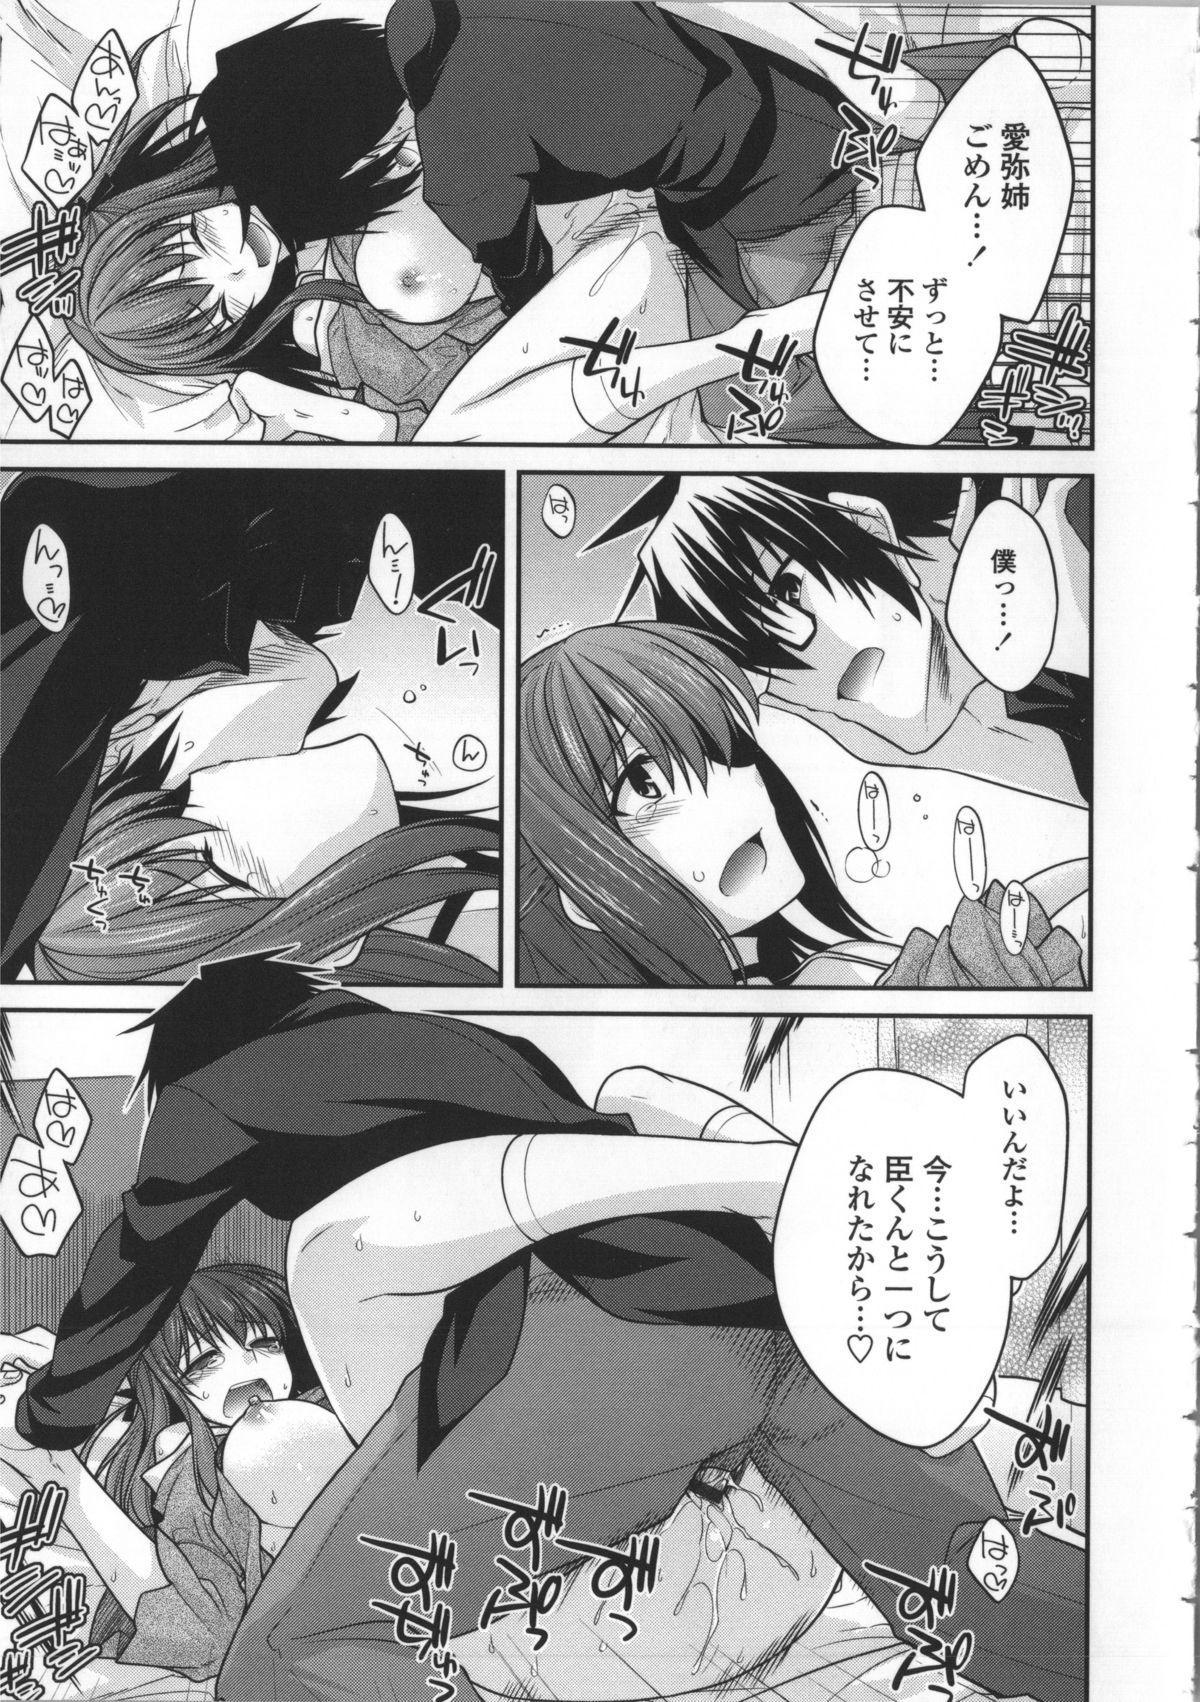 Yamato Nadeshiko Breast Changes 64